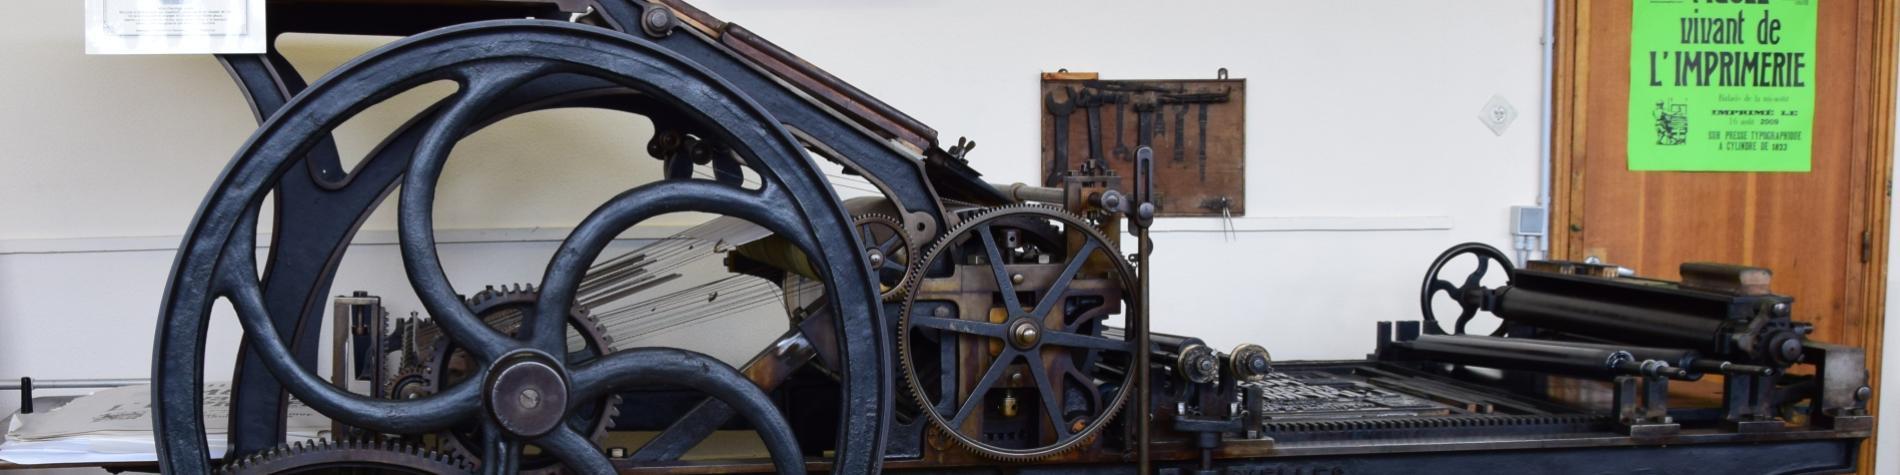 Musée de l'Imprimerie - Thuin